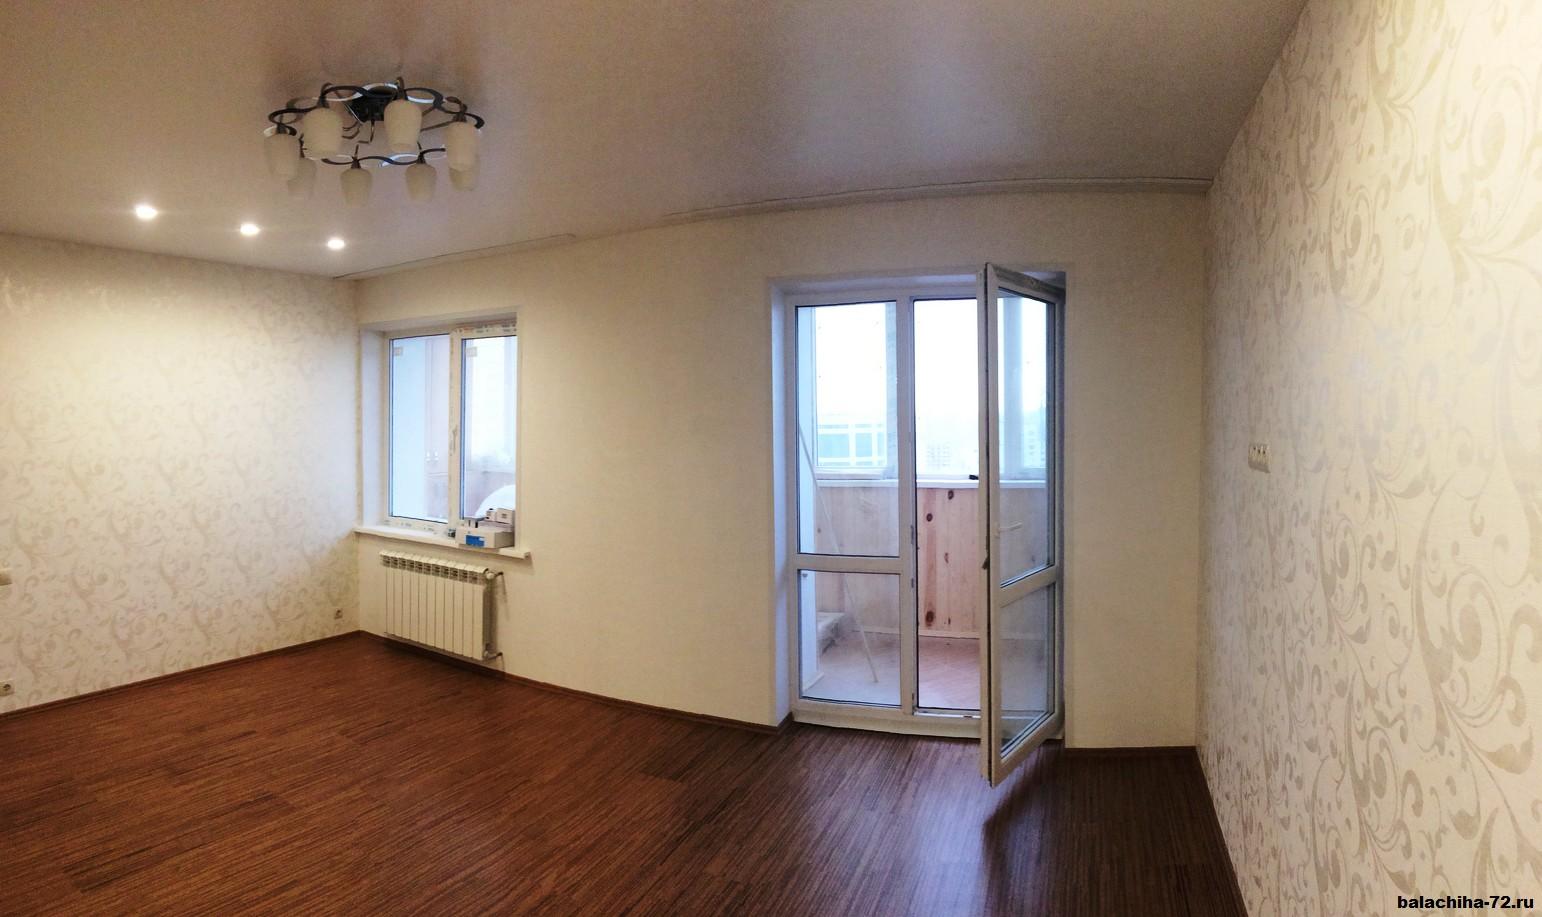 шашлыка по-грузински ремонт квартиры в ногинске фото город-труженик среди сплошь